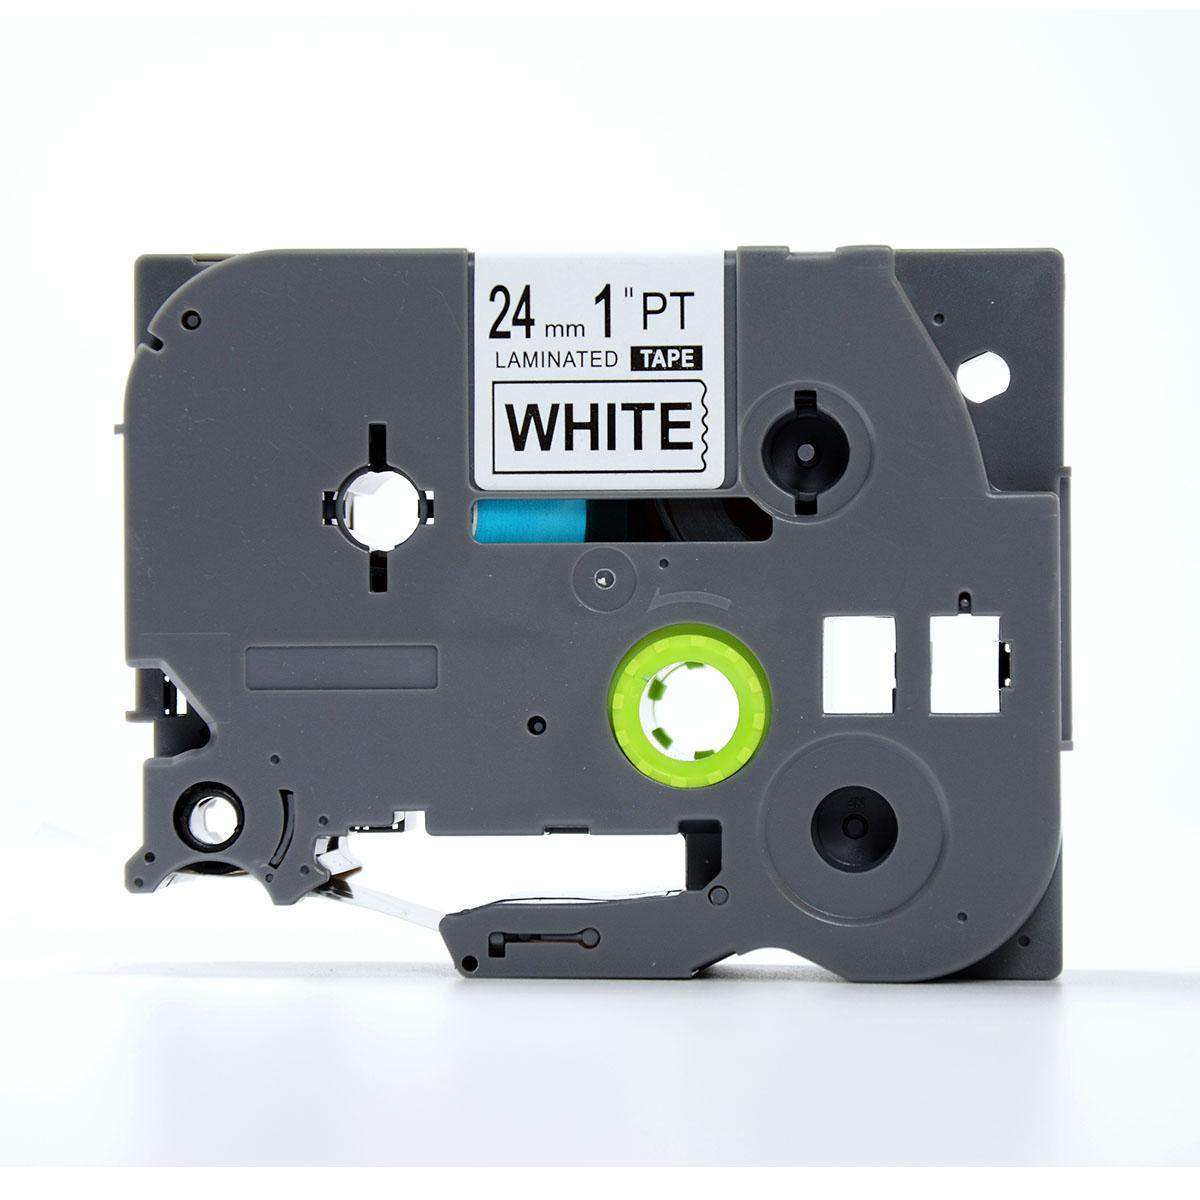 Nhãn in chữ đen trên nền trắng TZ2-S251 (24 mm dùng cho máy in nhãn)